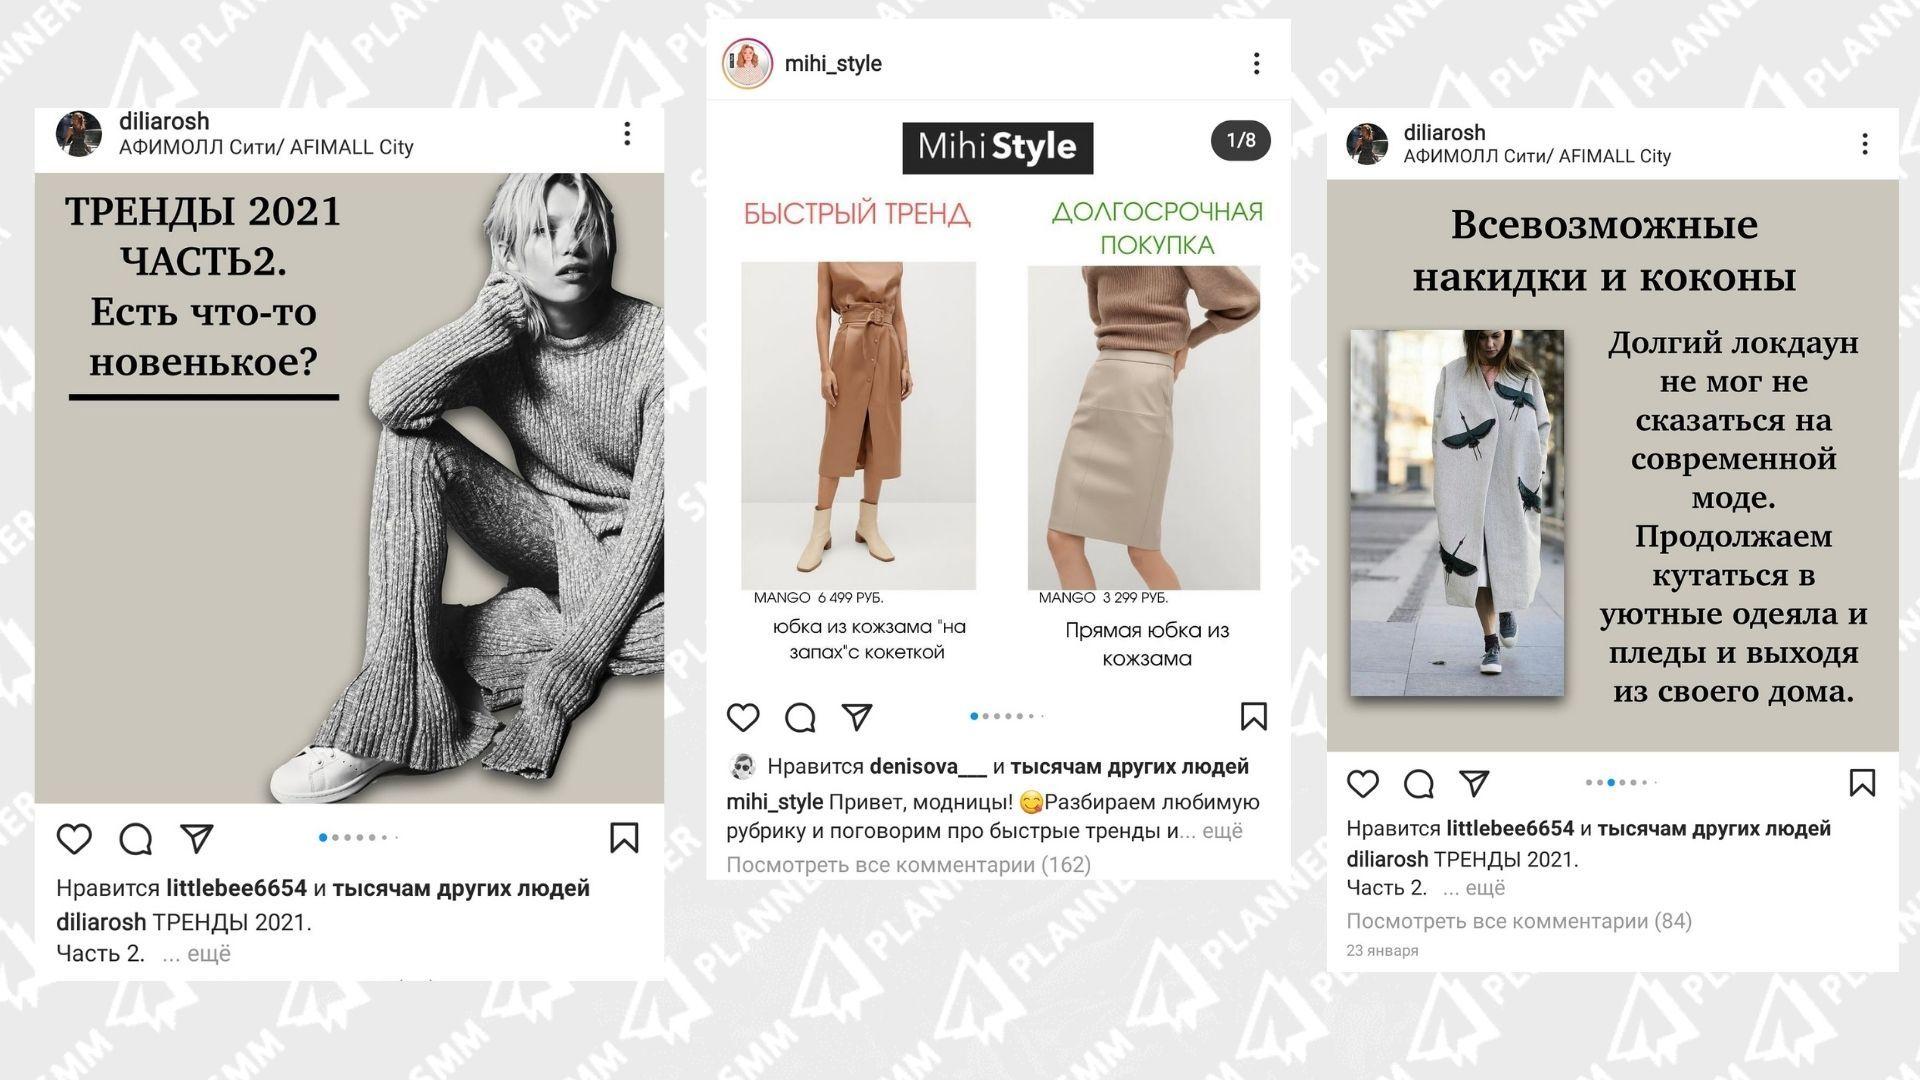 Тренды моды в аккаунте стилиста